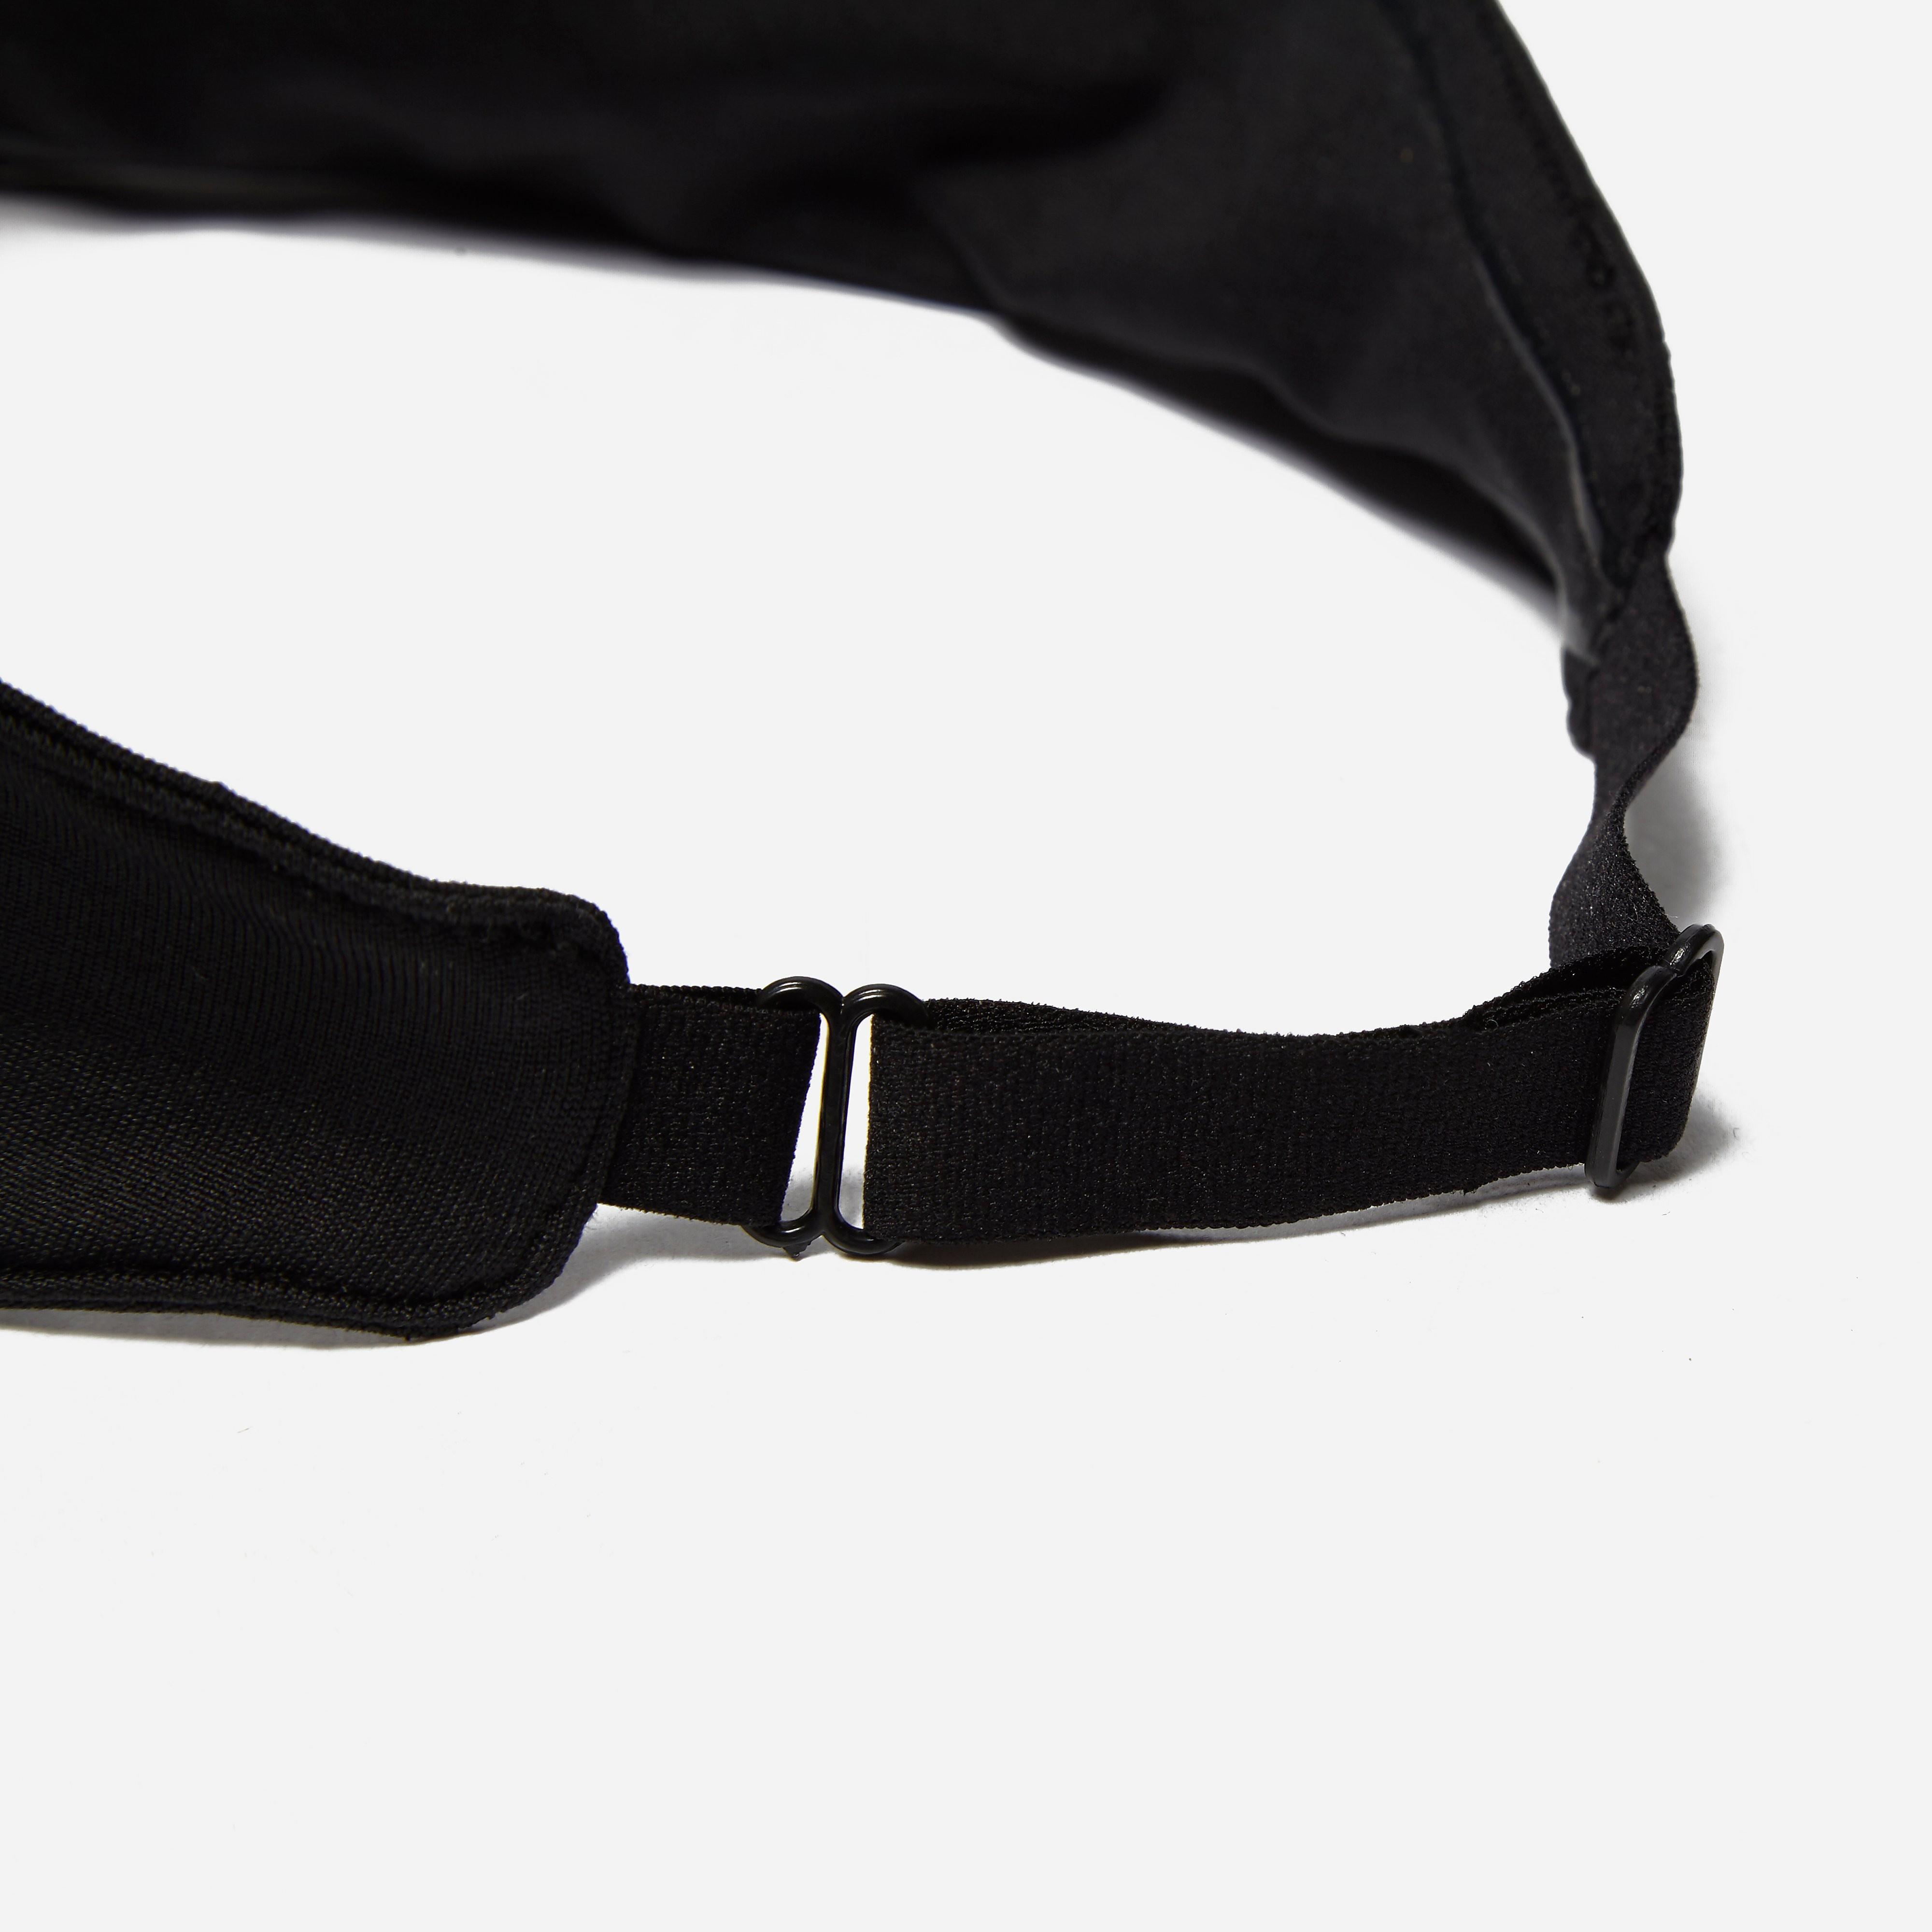 Nike  Adjustable Fury Headband